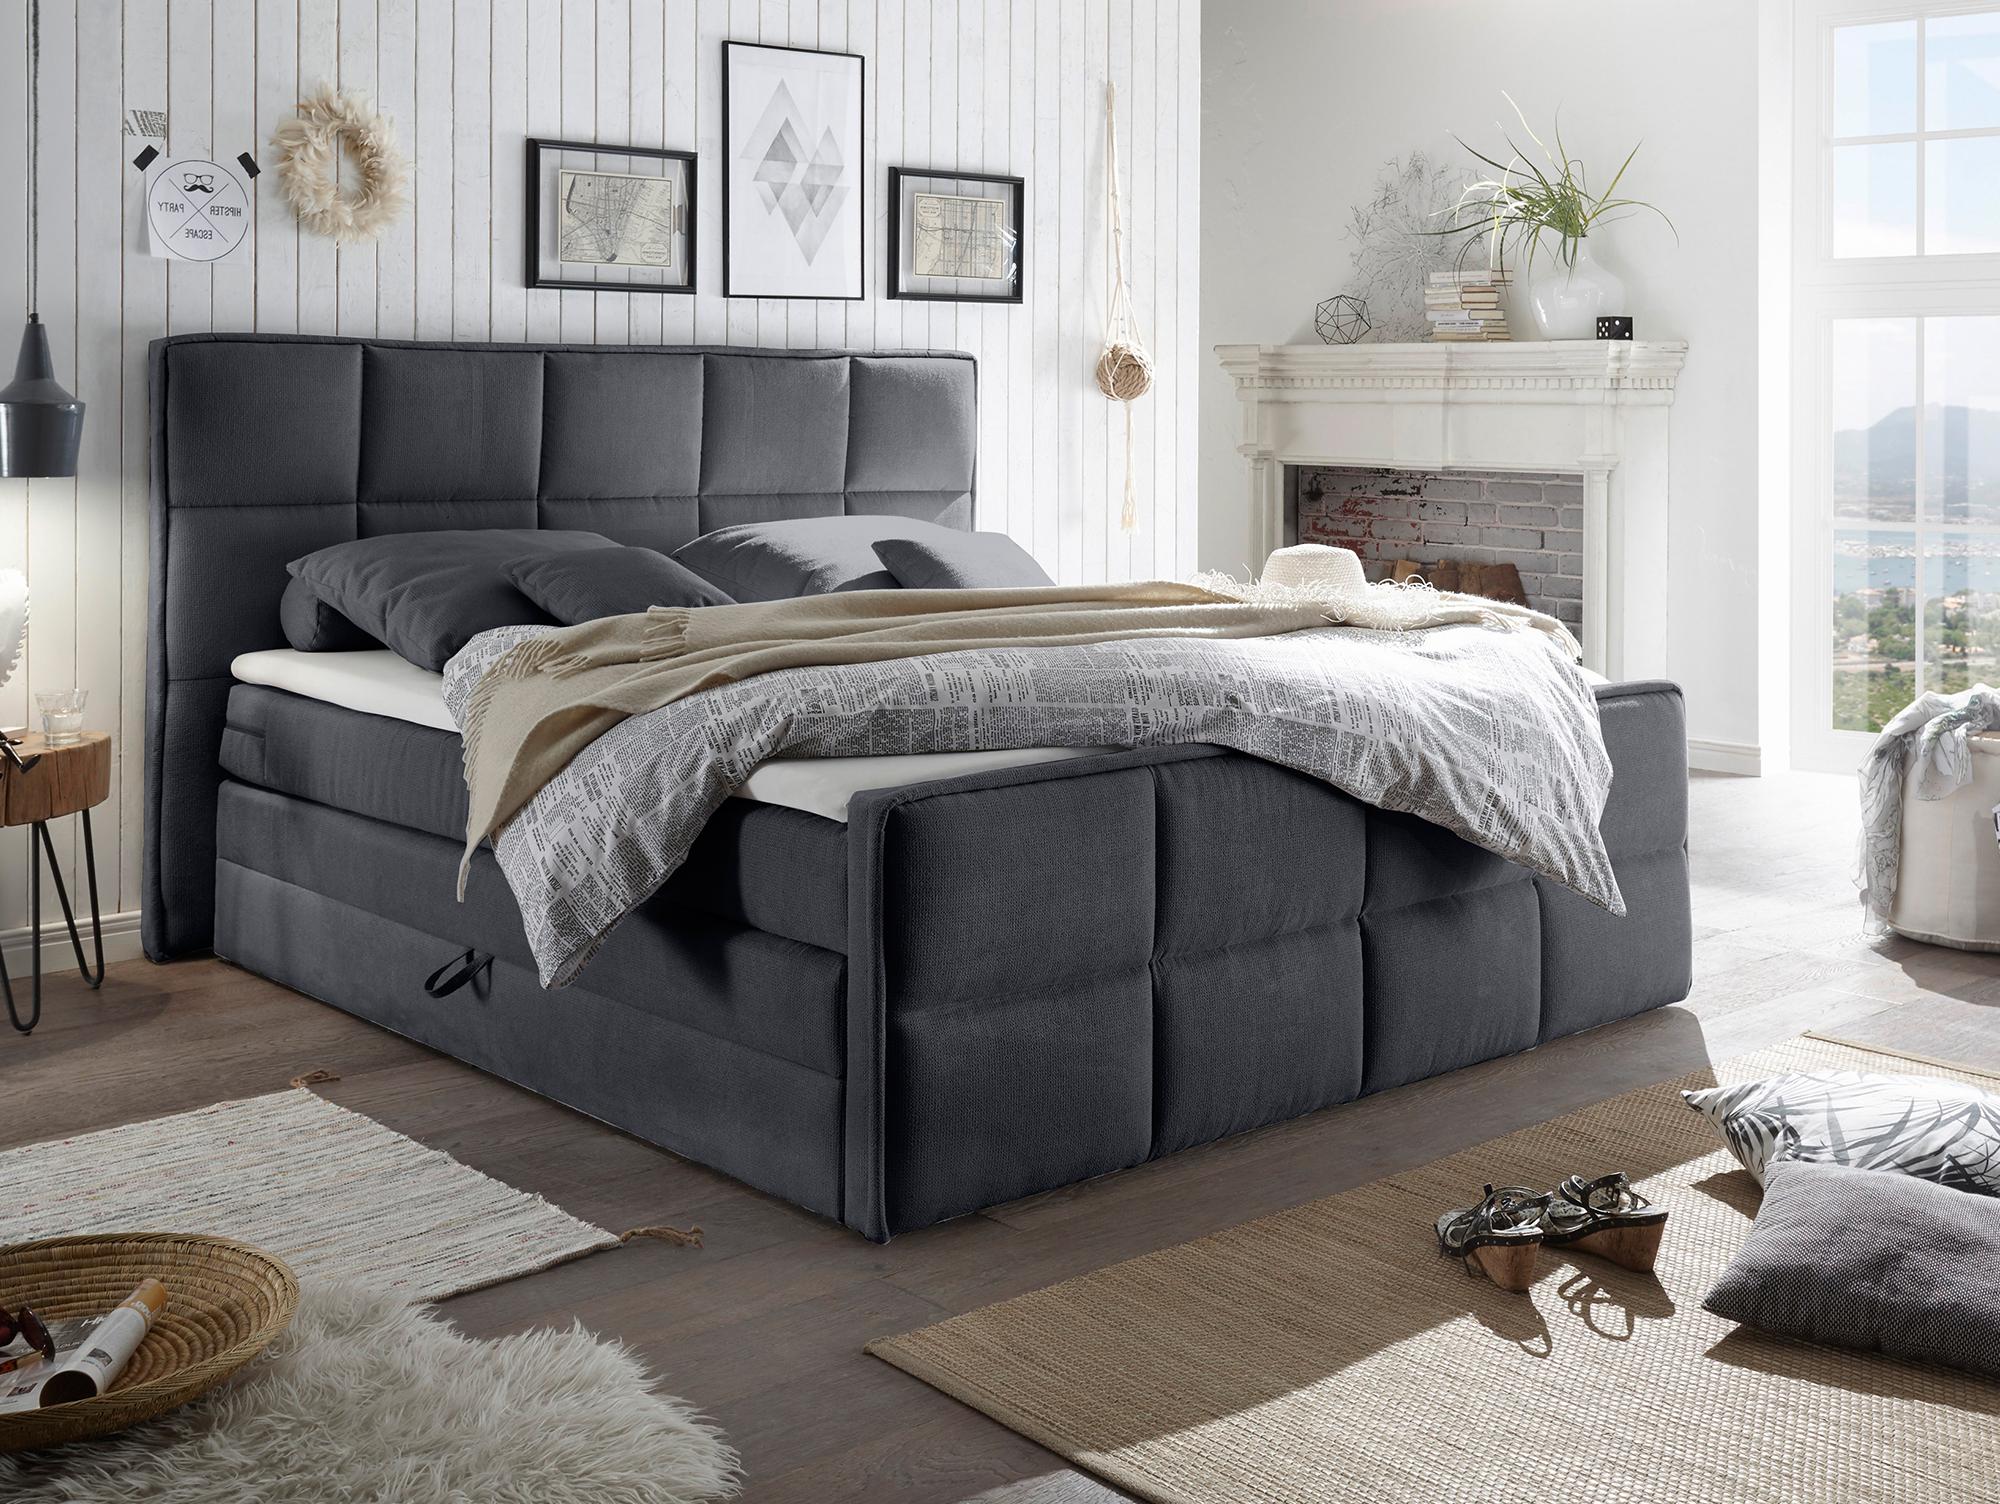 alan boxspringbett doppelbett mit bettkasten grau. Black Bedroom Furniture Sets. Home Design Ideas